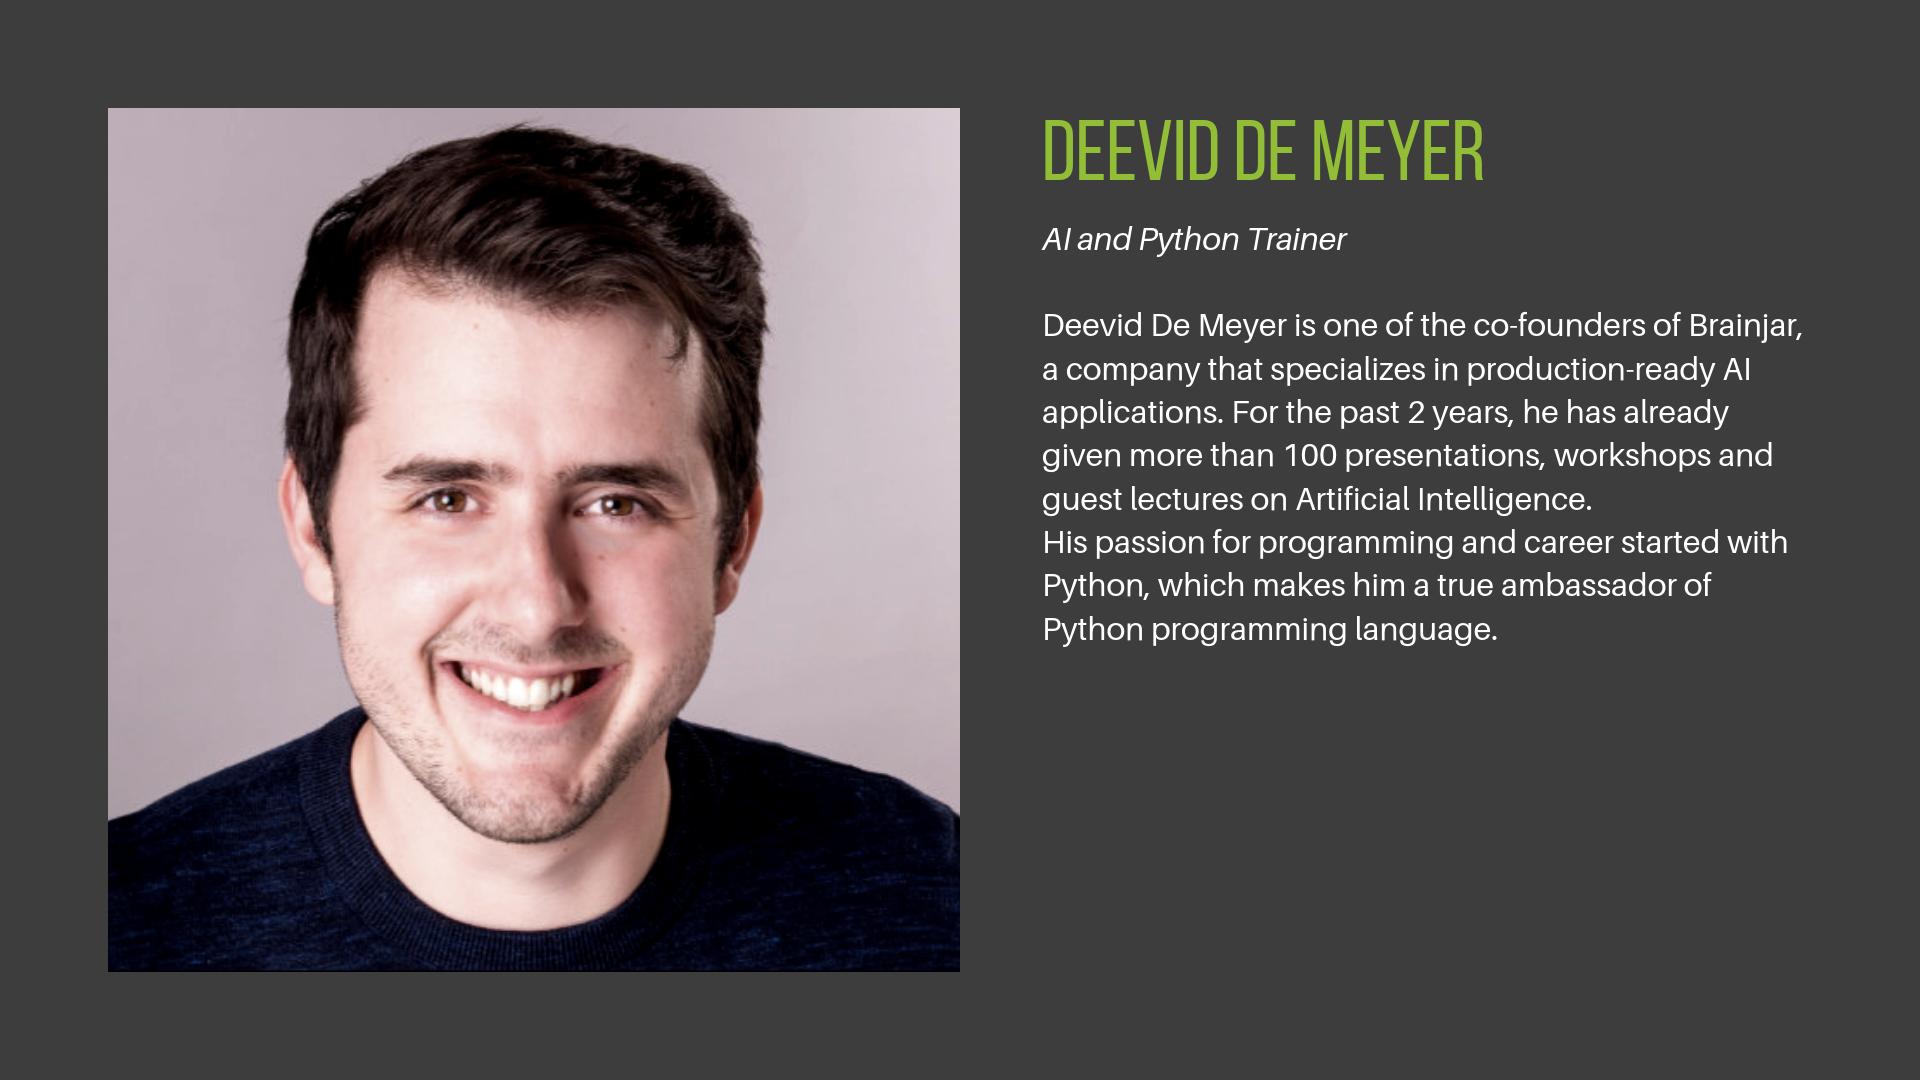 Deevid De Meyer